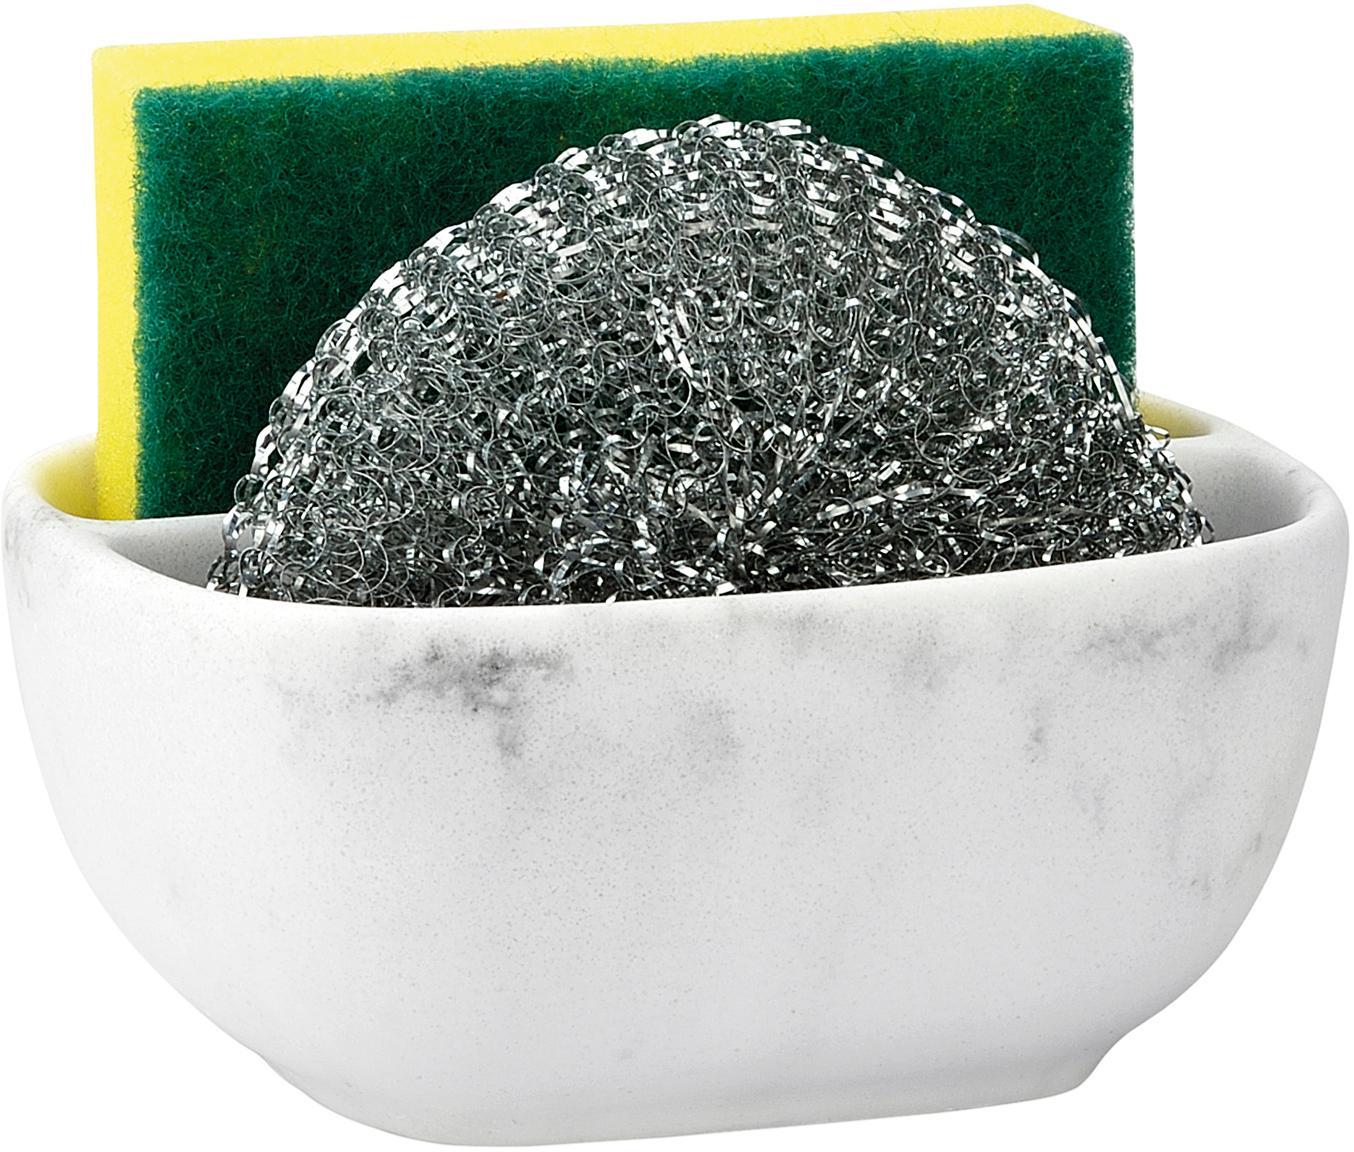 Sponshouderset Galia met marmerlook, 3-delig, Polyresin, metaal, Wit, gemarmerd, zilverkleurig, 10 x 13 cm